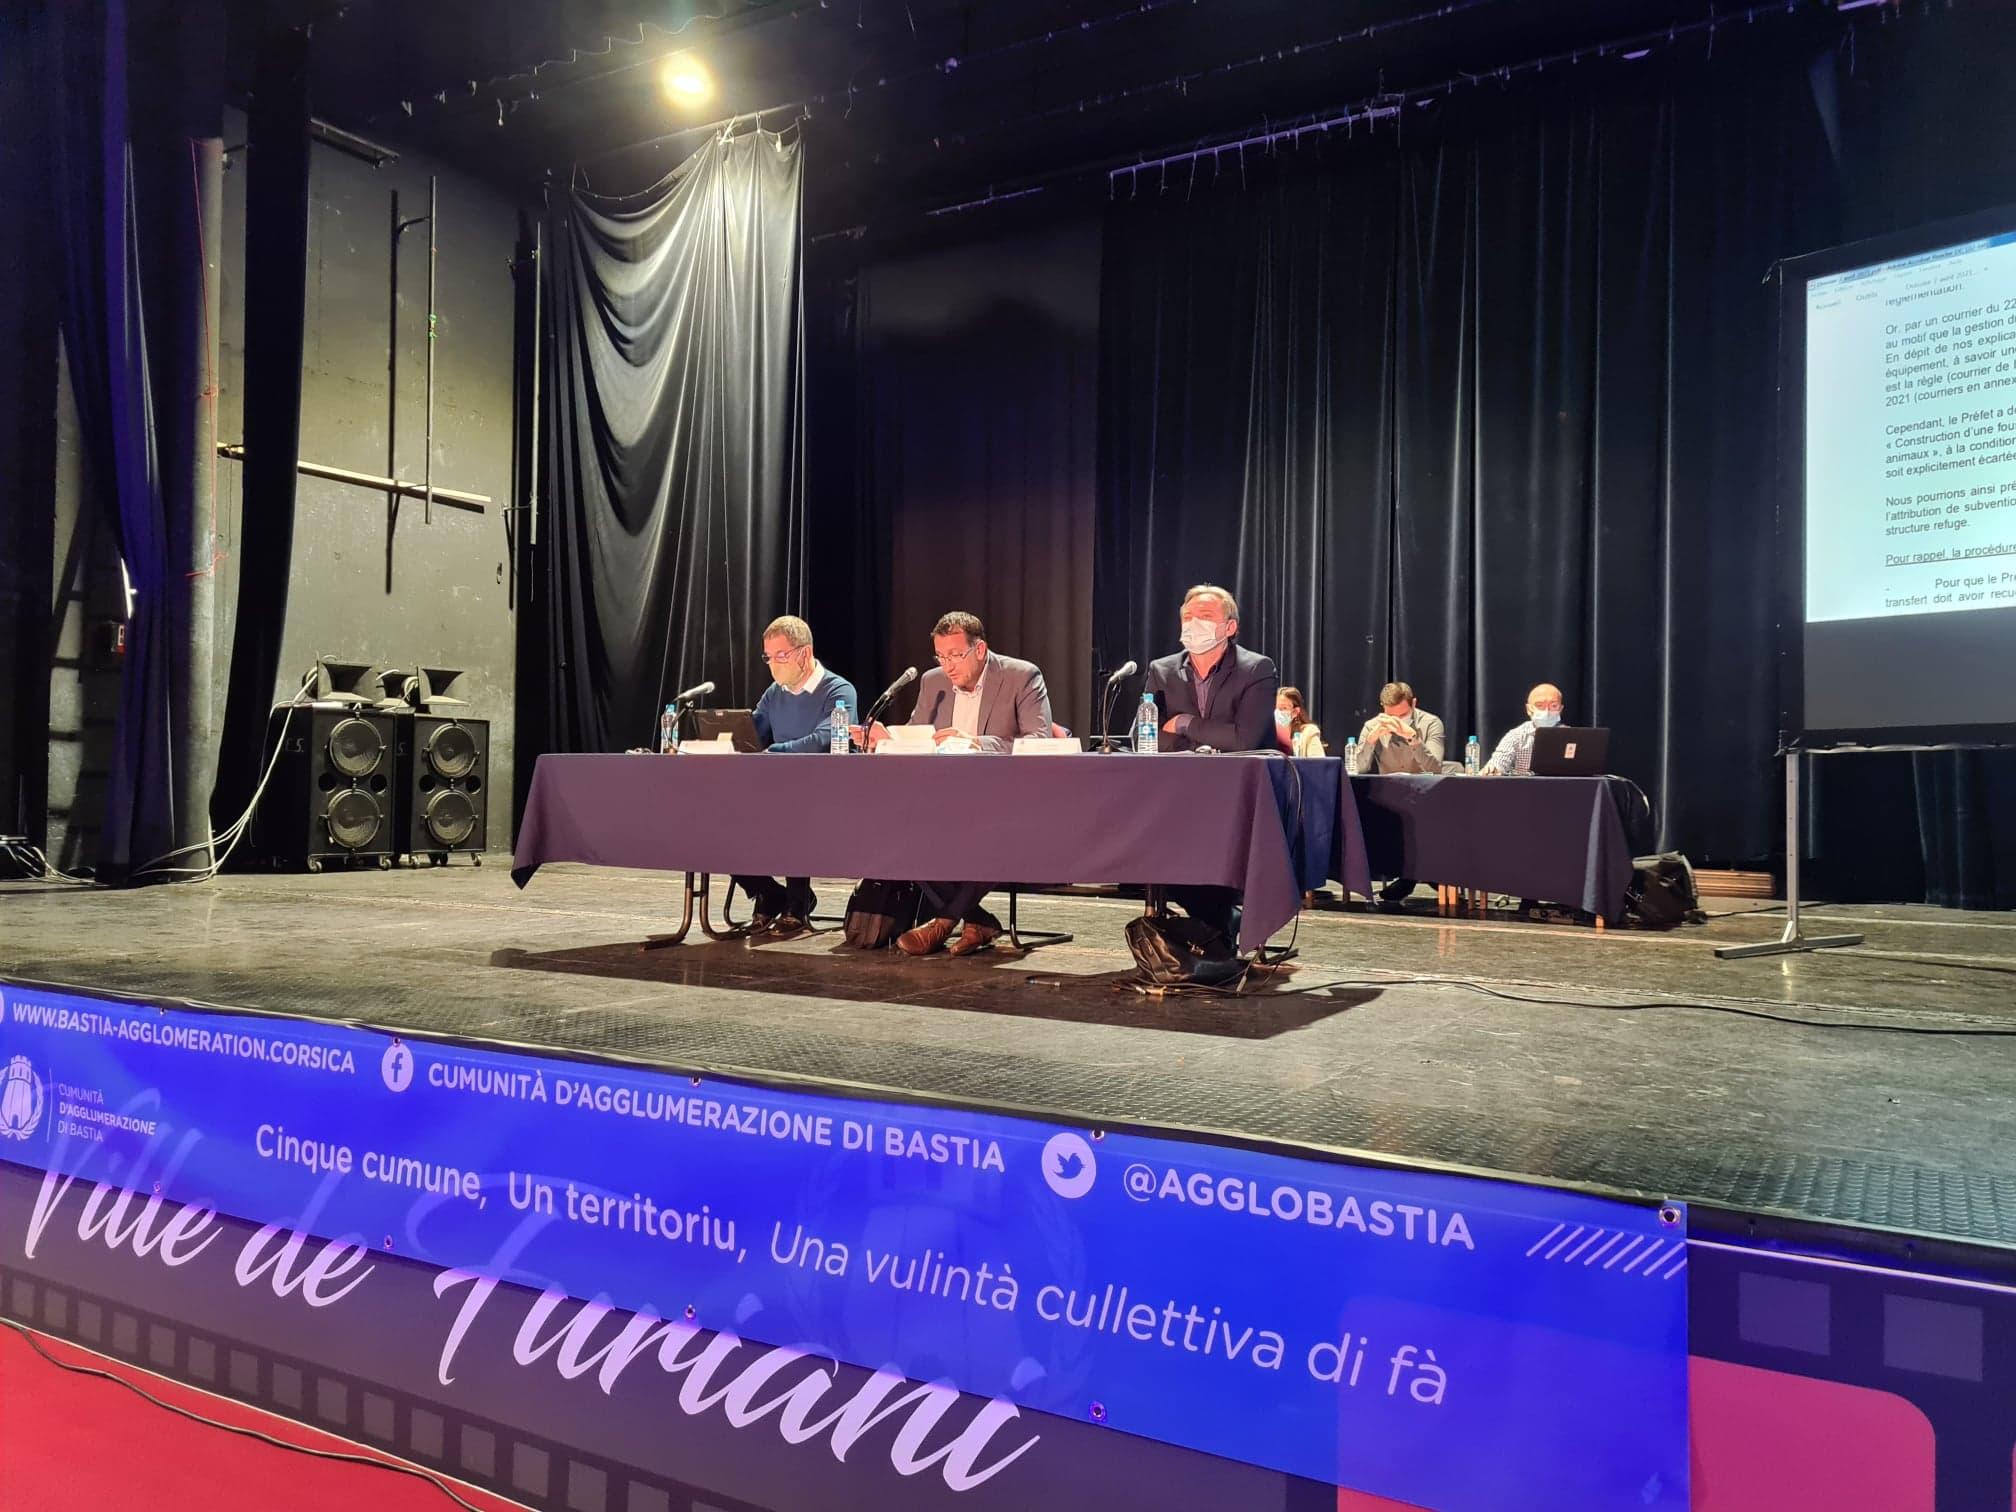 Le théâtre de Furiani a connu un débat enflammé entre la majorité communautaire et l'opposition lors du conseil communautaire de ce vendredi 2 avril 2021. Crédits Photo : Pierre-Manuel Pescetti